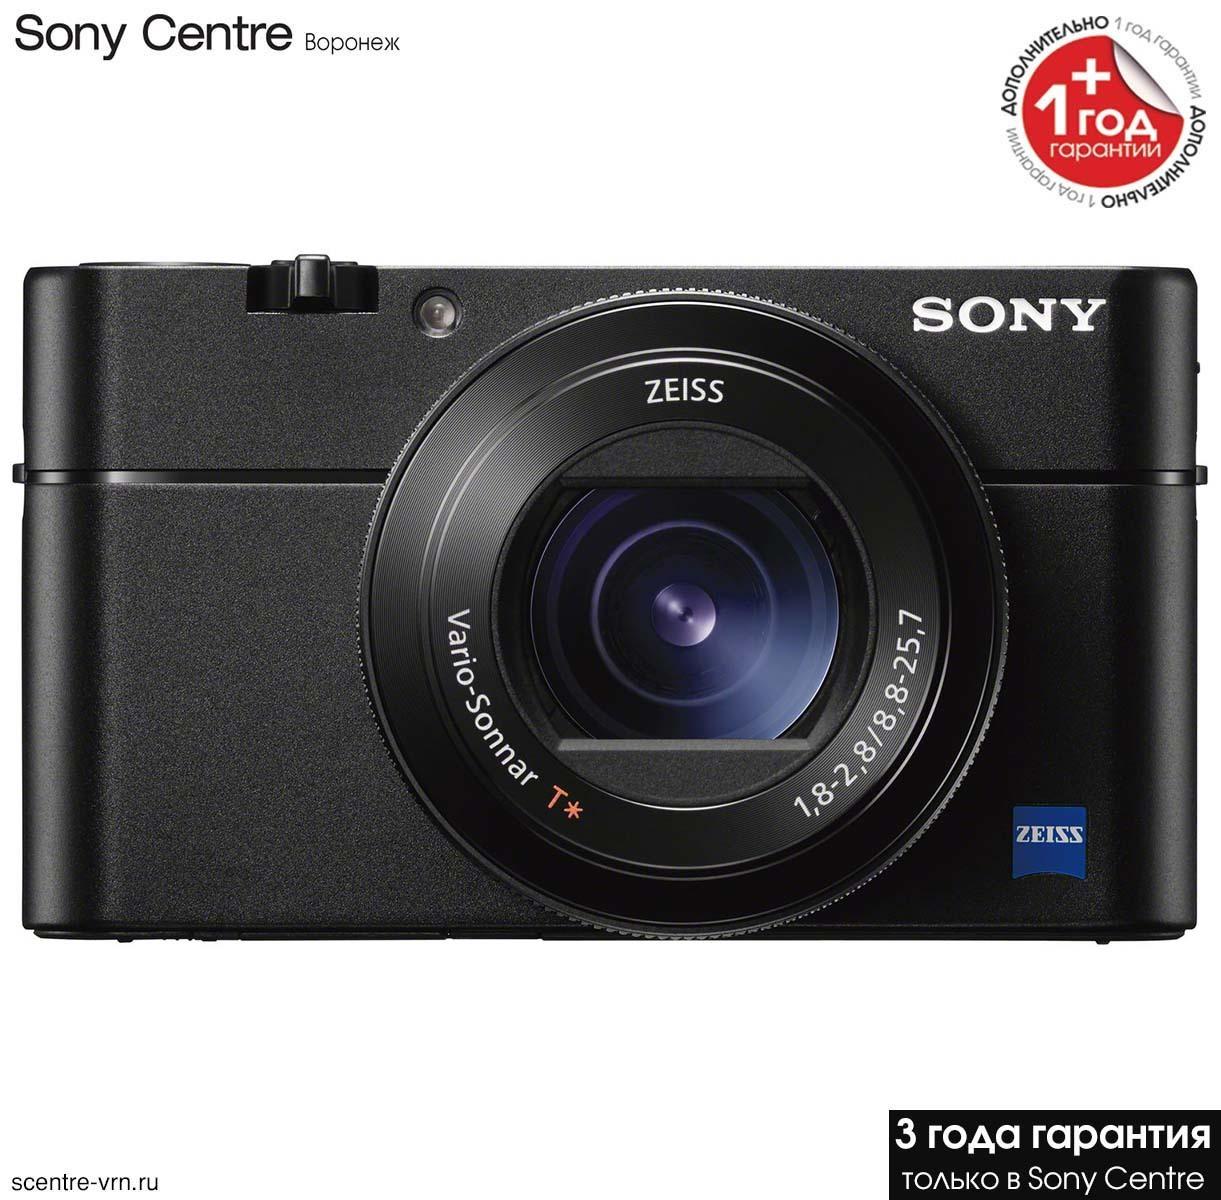 Фотокамера Sony DSC-RX100M5A в фирменном магазине Sony Centre Воронеж